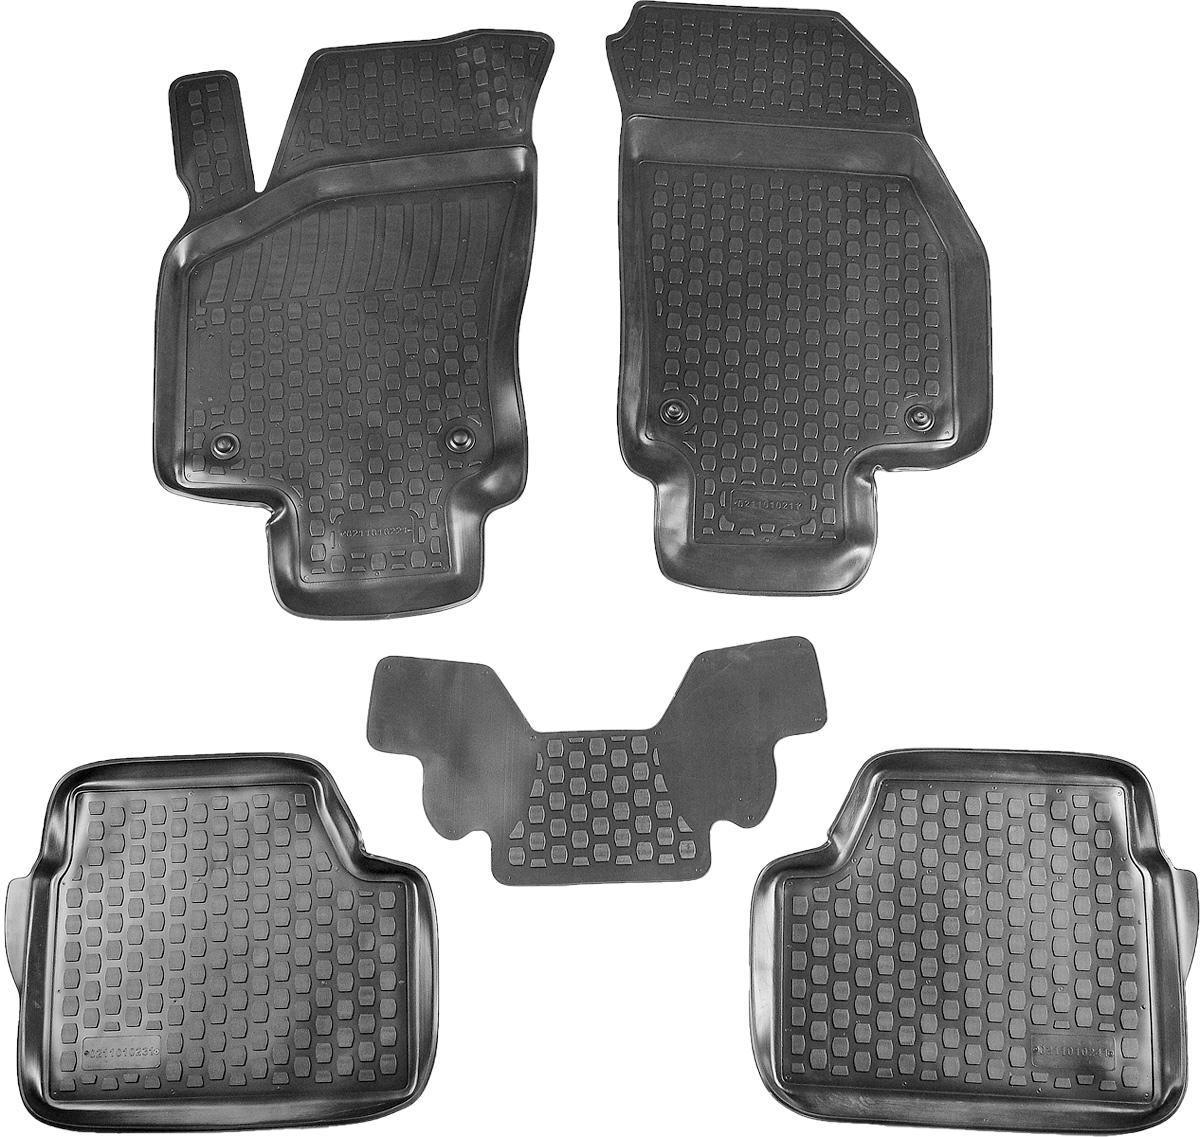 Коврик в салон автомобиля L.Locker, для Opel Astra H hb (04-), 5 штВетерок 2ГФКоврики L.Locker производятся индивидуально для каждой модели автомобиля из современного и экологически чистого материала. Изделия точно повторяют геометрию пола автомобиля, имеют высокий борт, обладают повышенной износоустойчивостью, антискользящими свойствами, лишены резкого запаха и сохраняют свои потребительские свойства в широком диапазоне температур (от -50°С до +80°С). Рисунок ковриков специально спроектирован для уменьшения скольжения ног водителя и имеет достаточную глубину, препятствующую свободному перемещению жидкости и грязи на поверхности. Одновременно с этим рисунок не создает дискомфорта при вождении автомобиля. Водительский ковер с предустановленными креплениями фиксируется на штатные места в полу салона автомобиля. Новая технология системы креплений герметична, не дает влаге и грязи проникать внутрь через крепеж на обшивку пола.